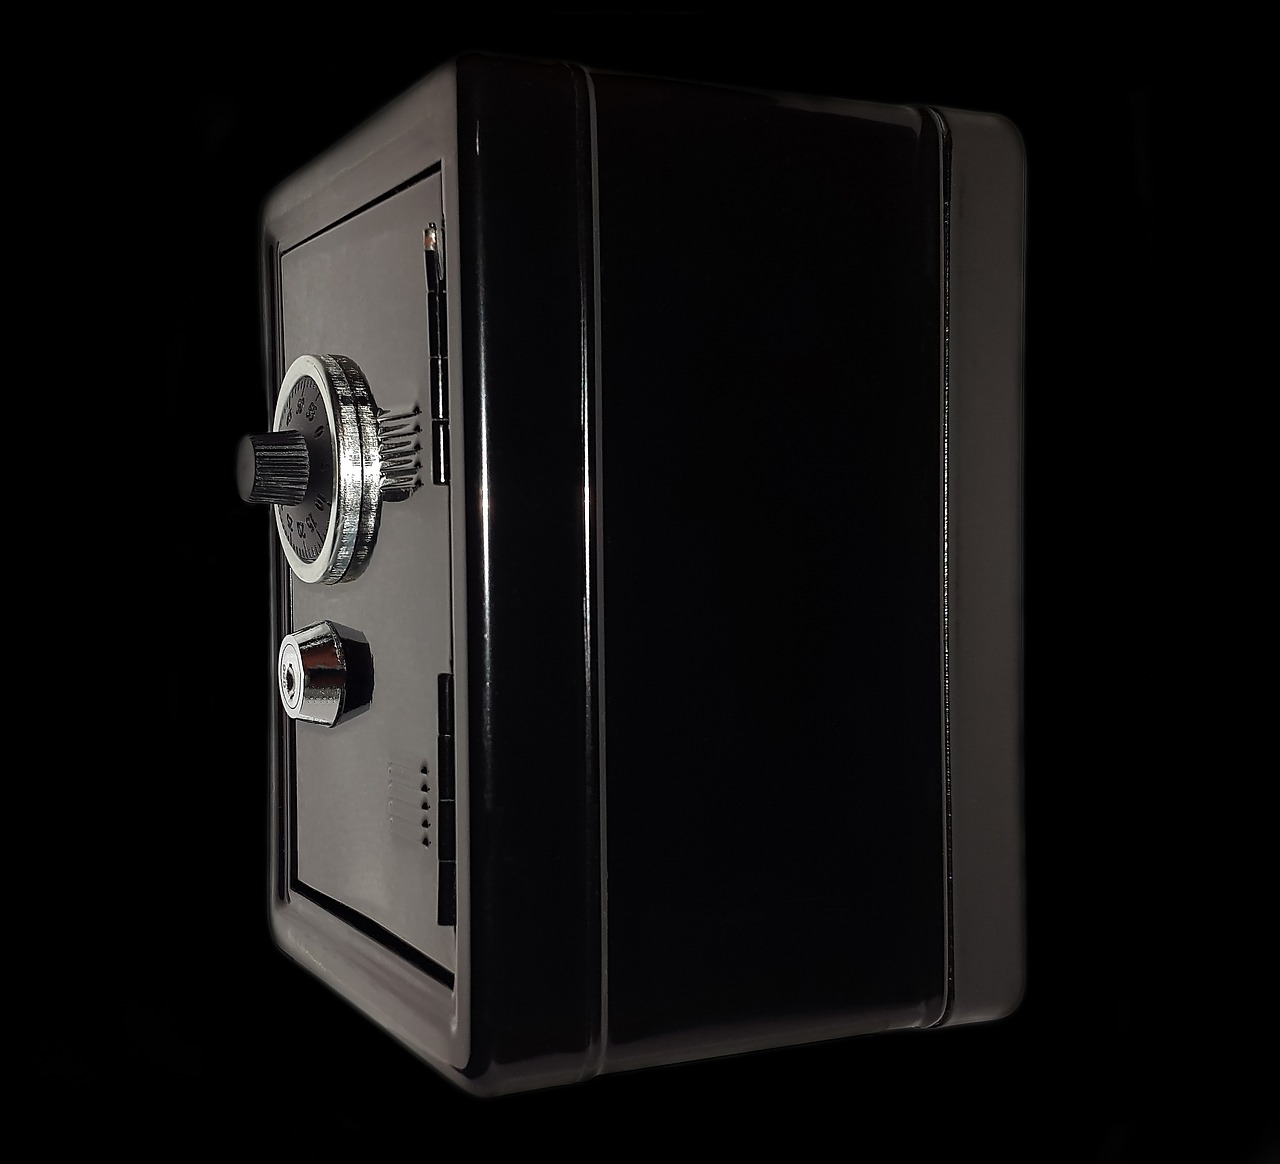 Protégez vos biens dans un coffre-fort !